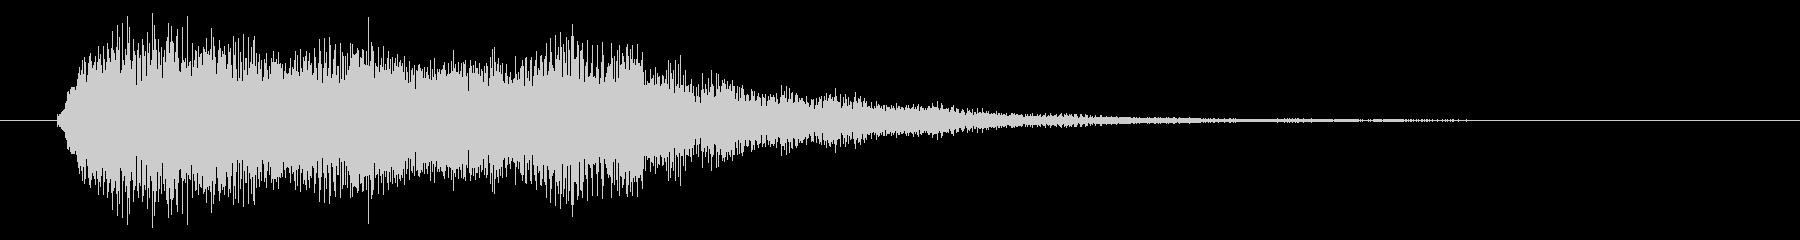 オーケストラ ジングルフルストリン...の未再生の波形